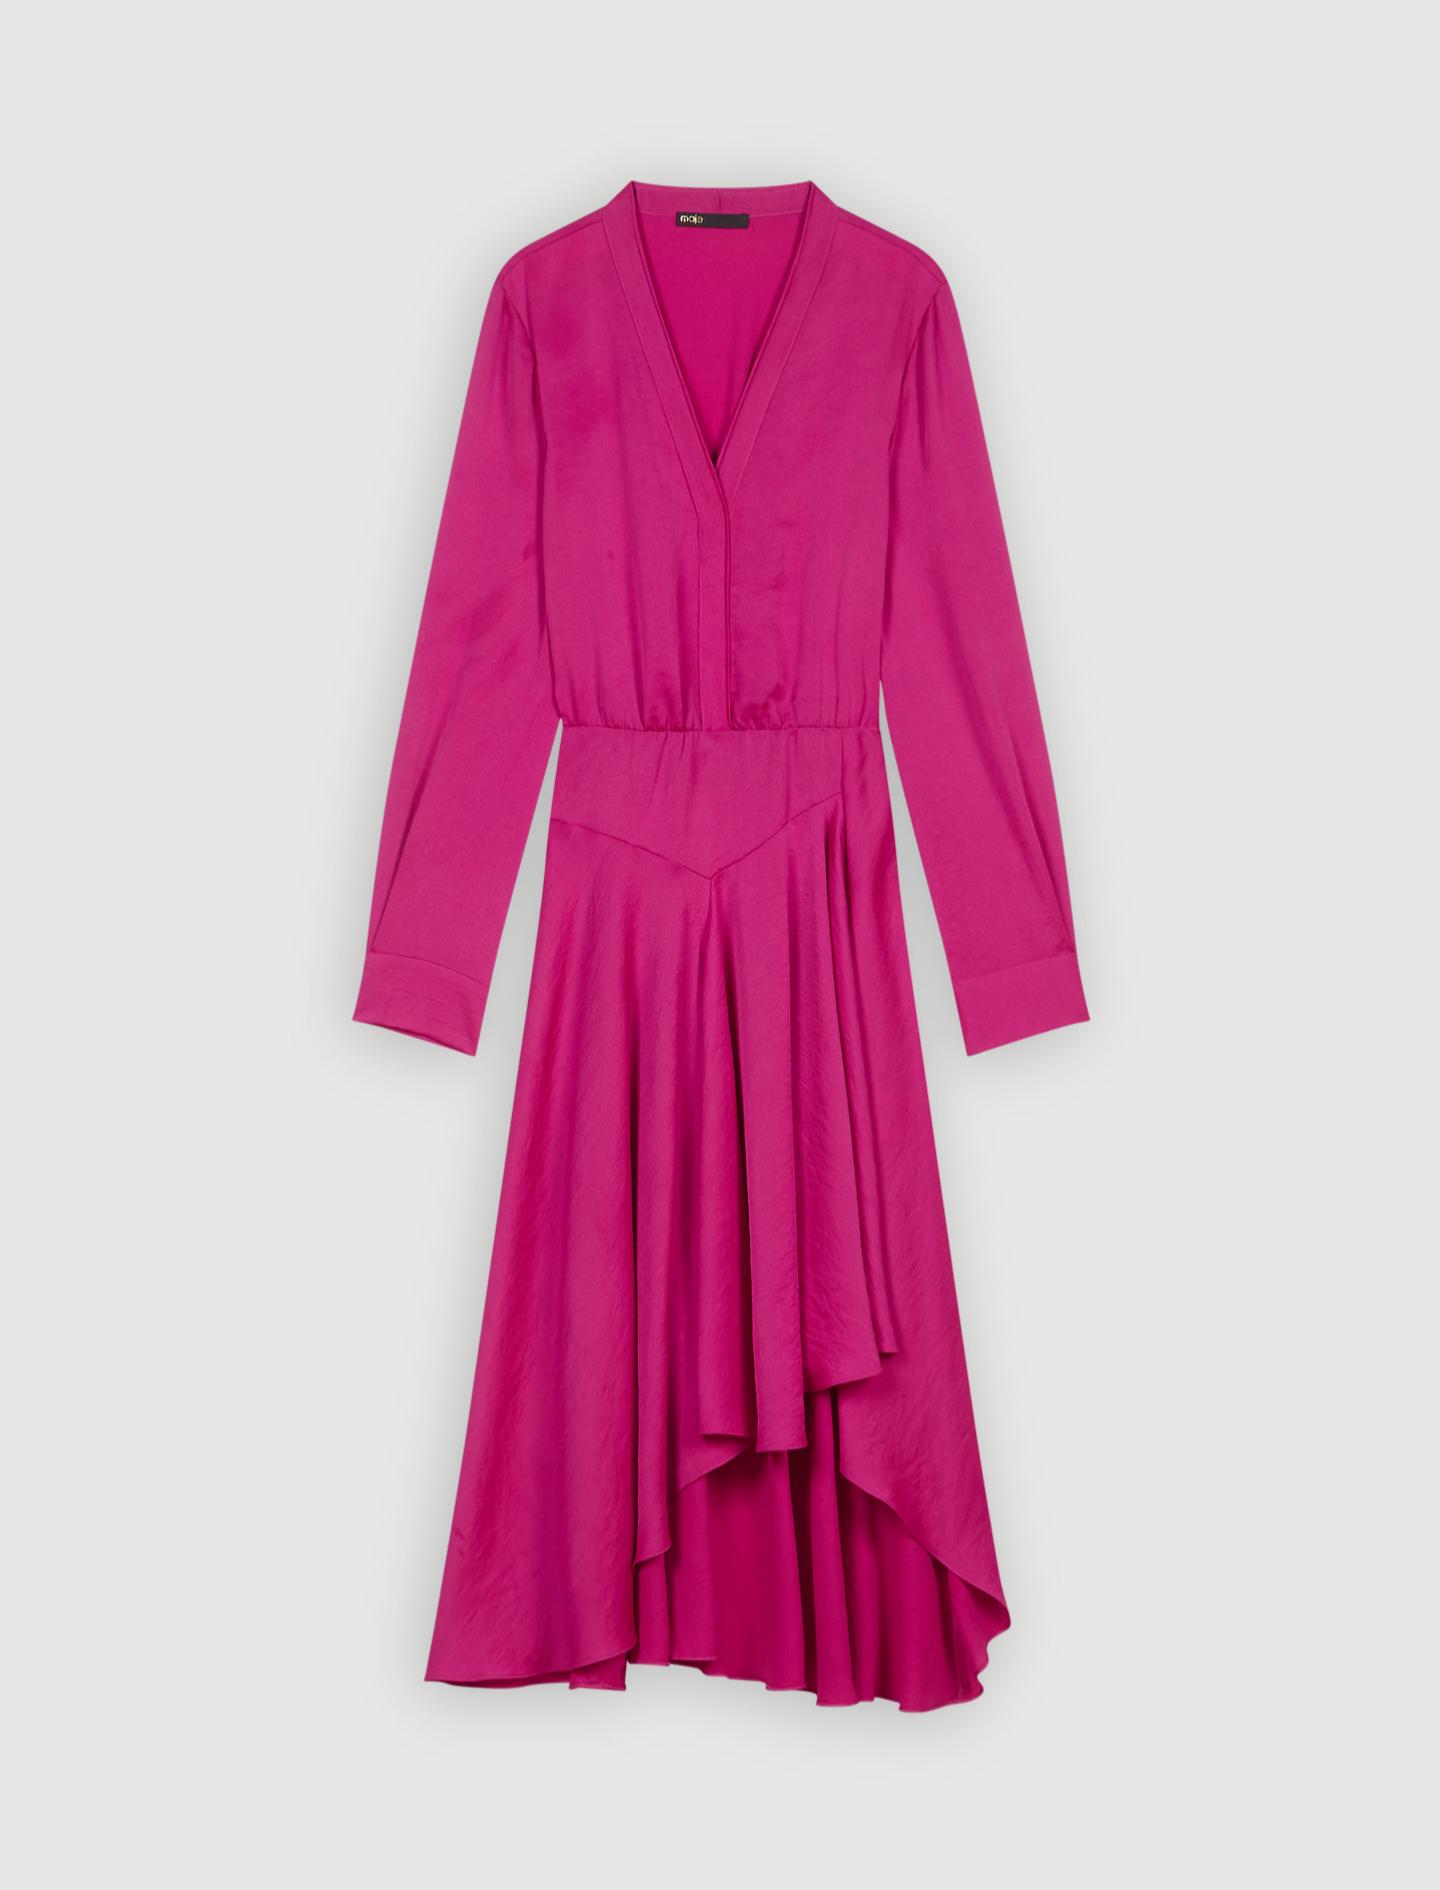 Vestido satinado en color rosa fucsia de Maje (137,50¤)